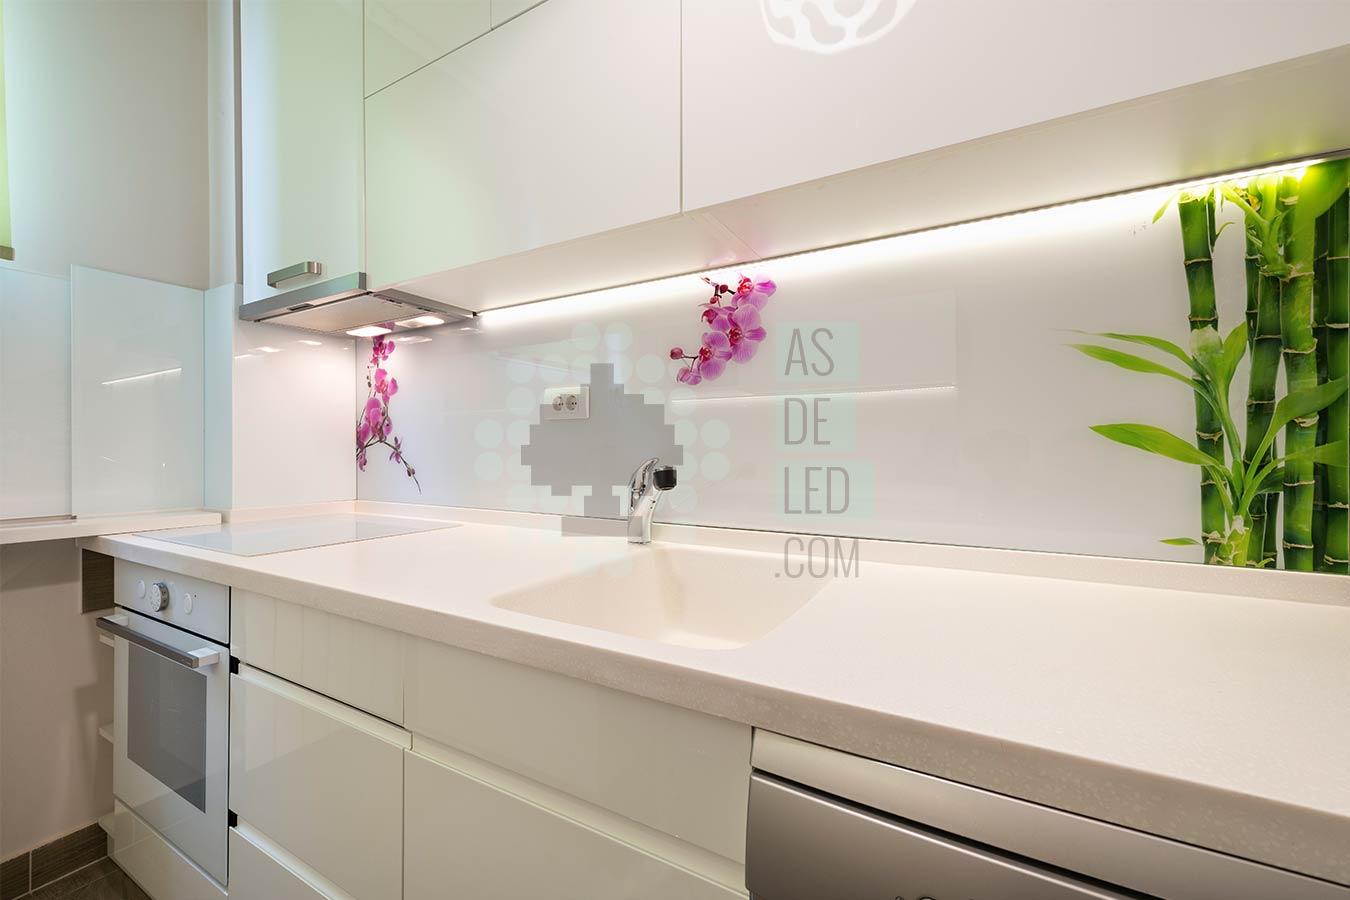 Iluminación LED para casa e interiores - Bombillas LED ASDELED